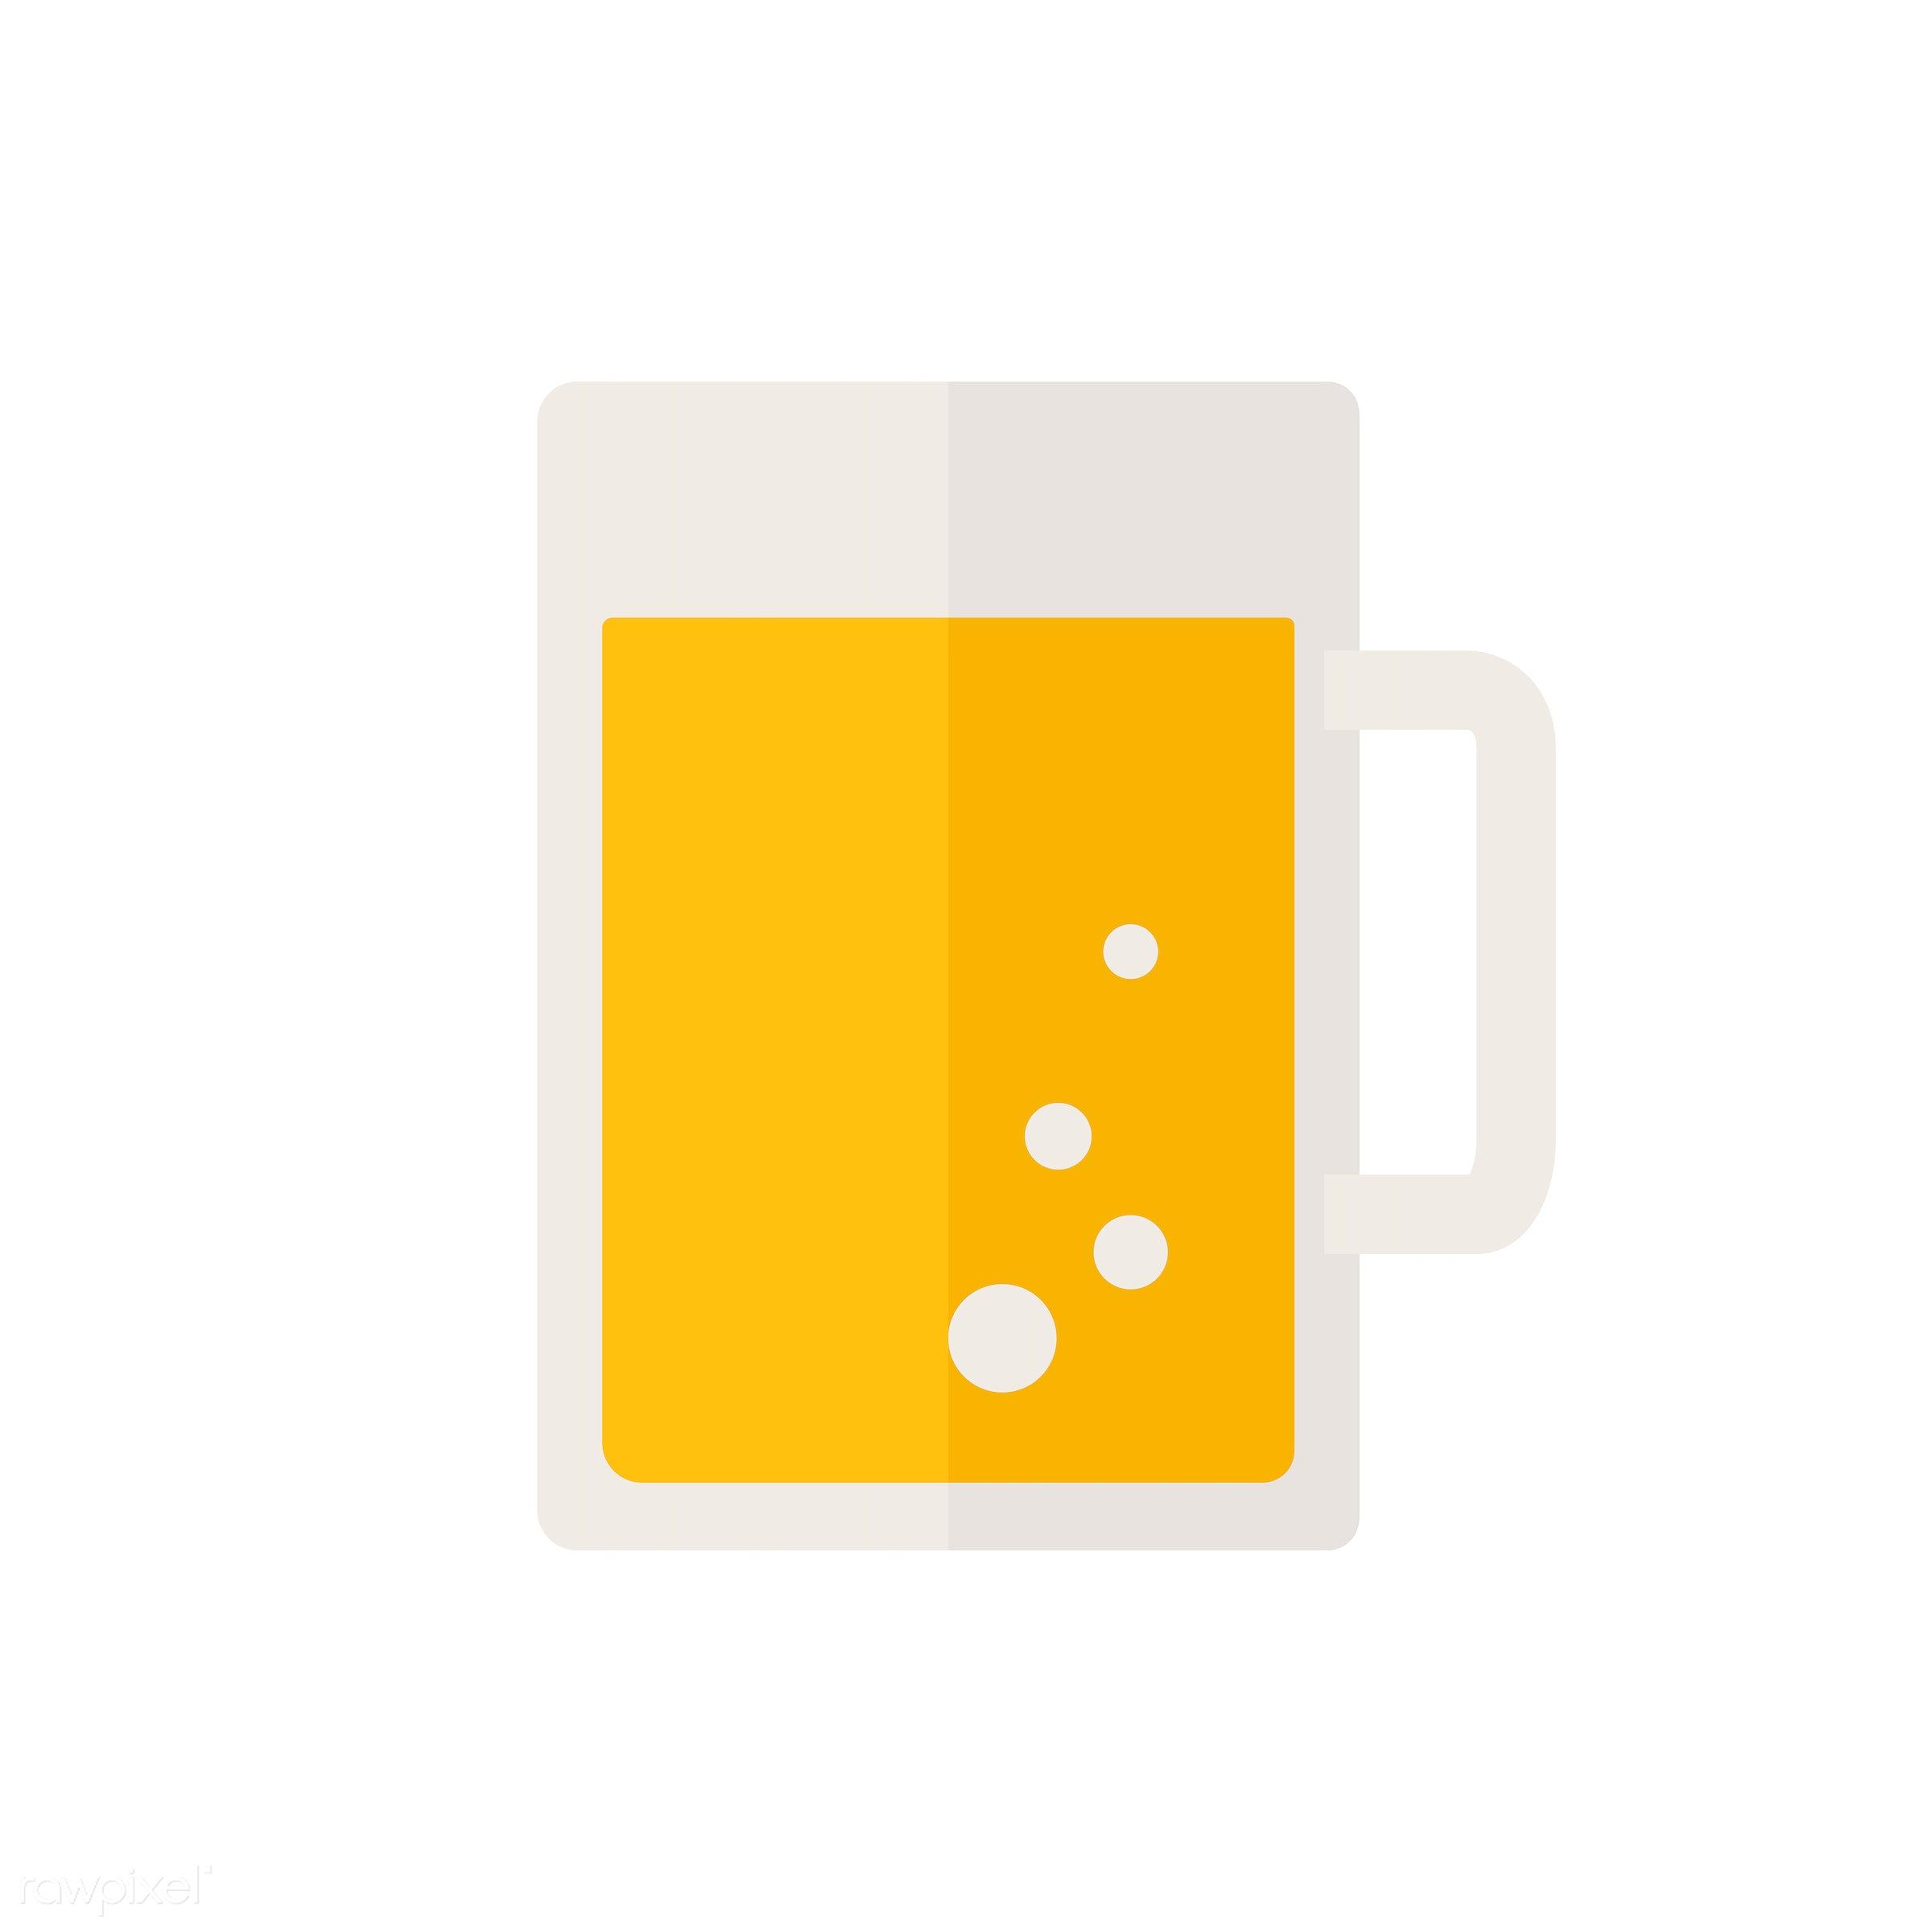 Jug of beer vector - vector, graphic, illustration, icon, symbol, colorful, cute, drink, beverage, water, jug, beer jug,...